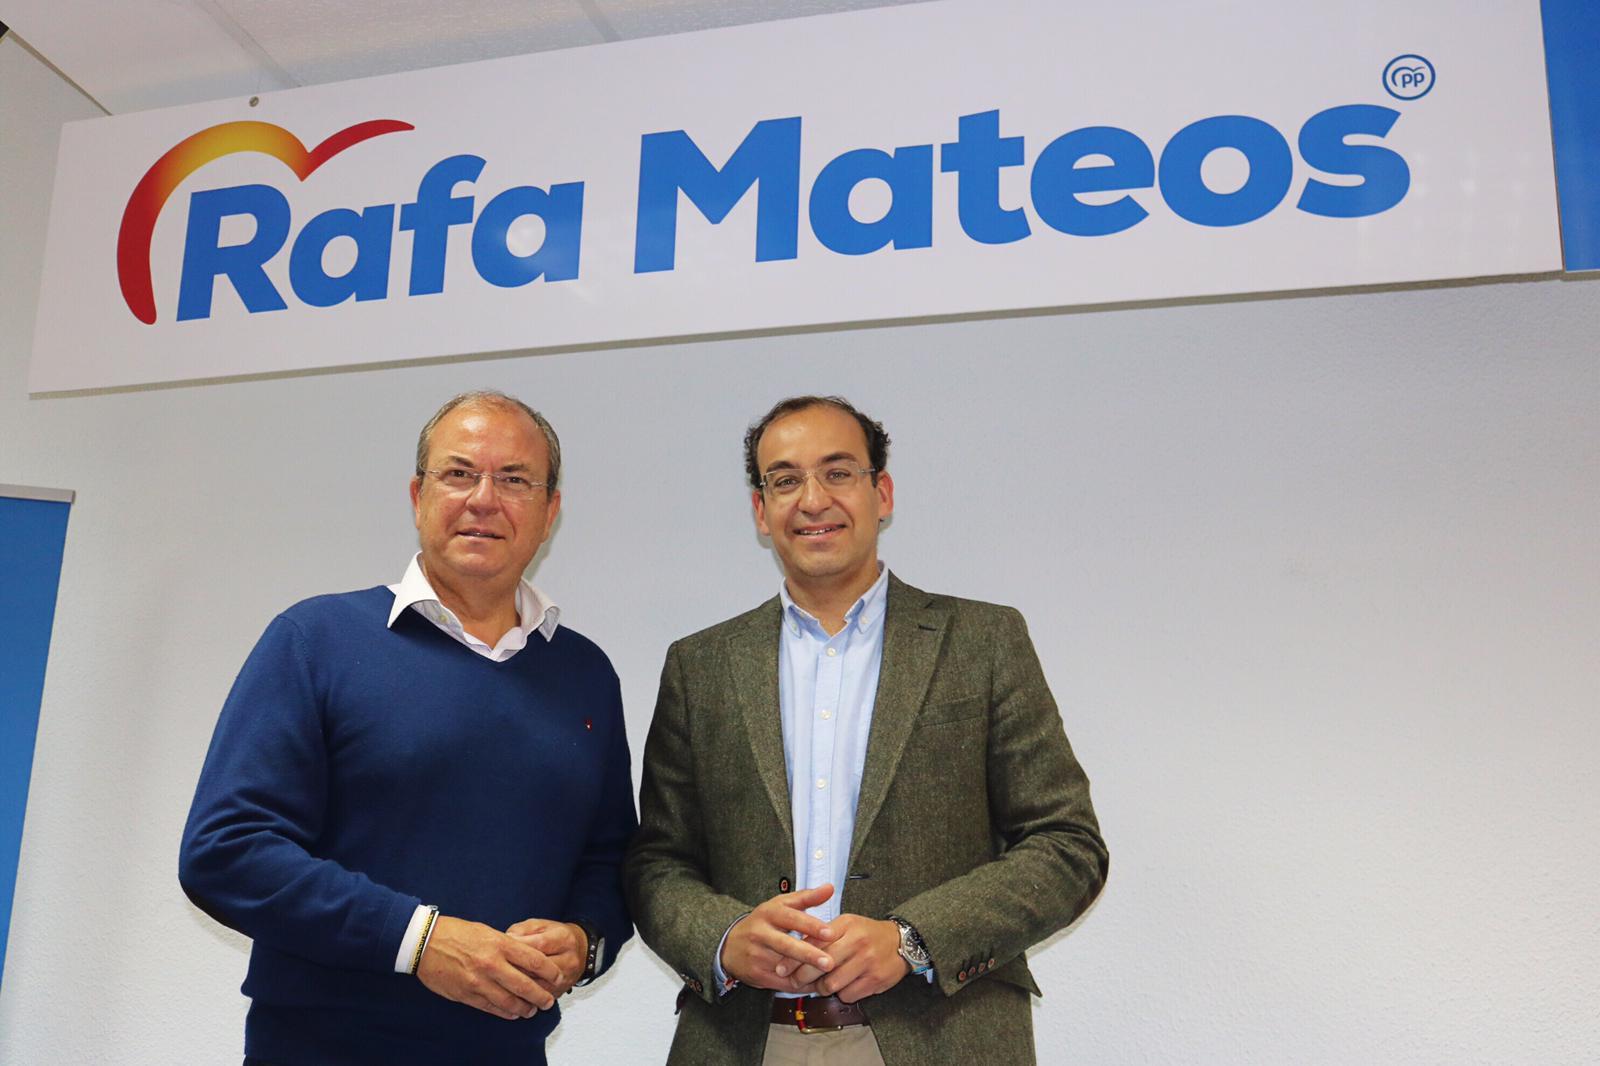 """Monago : """" Rafa Mateos viene aprendido y con el  compromiso para hacer más grande a Cáceres"""